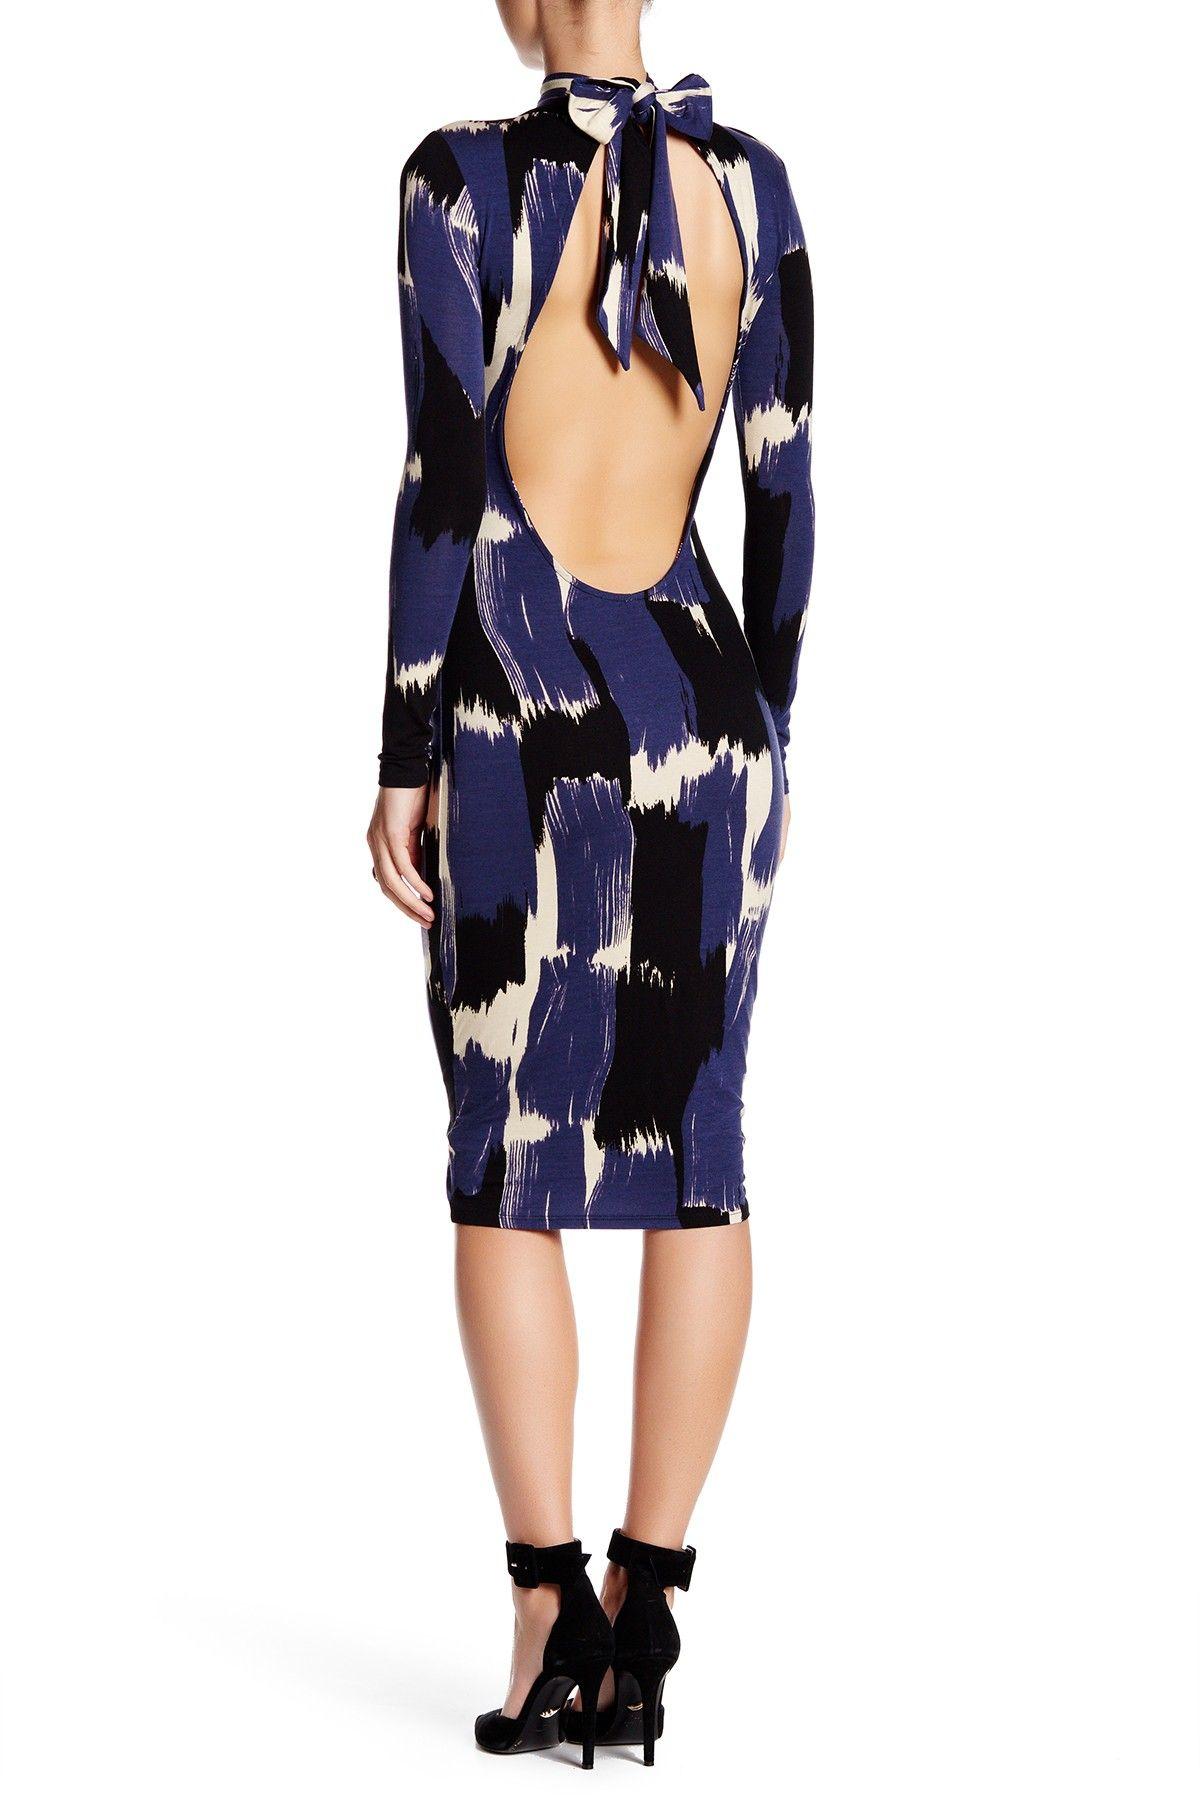 Long sleeve back tie print dress by rachel pally on hautelook